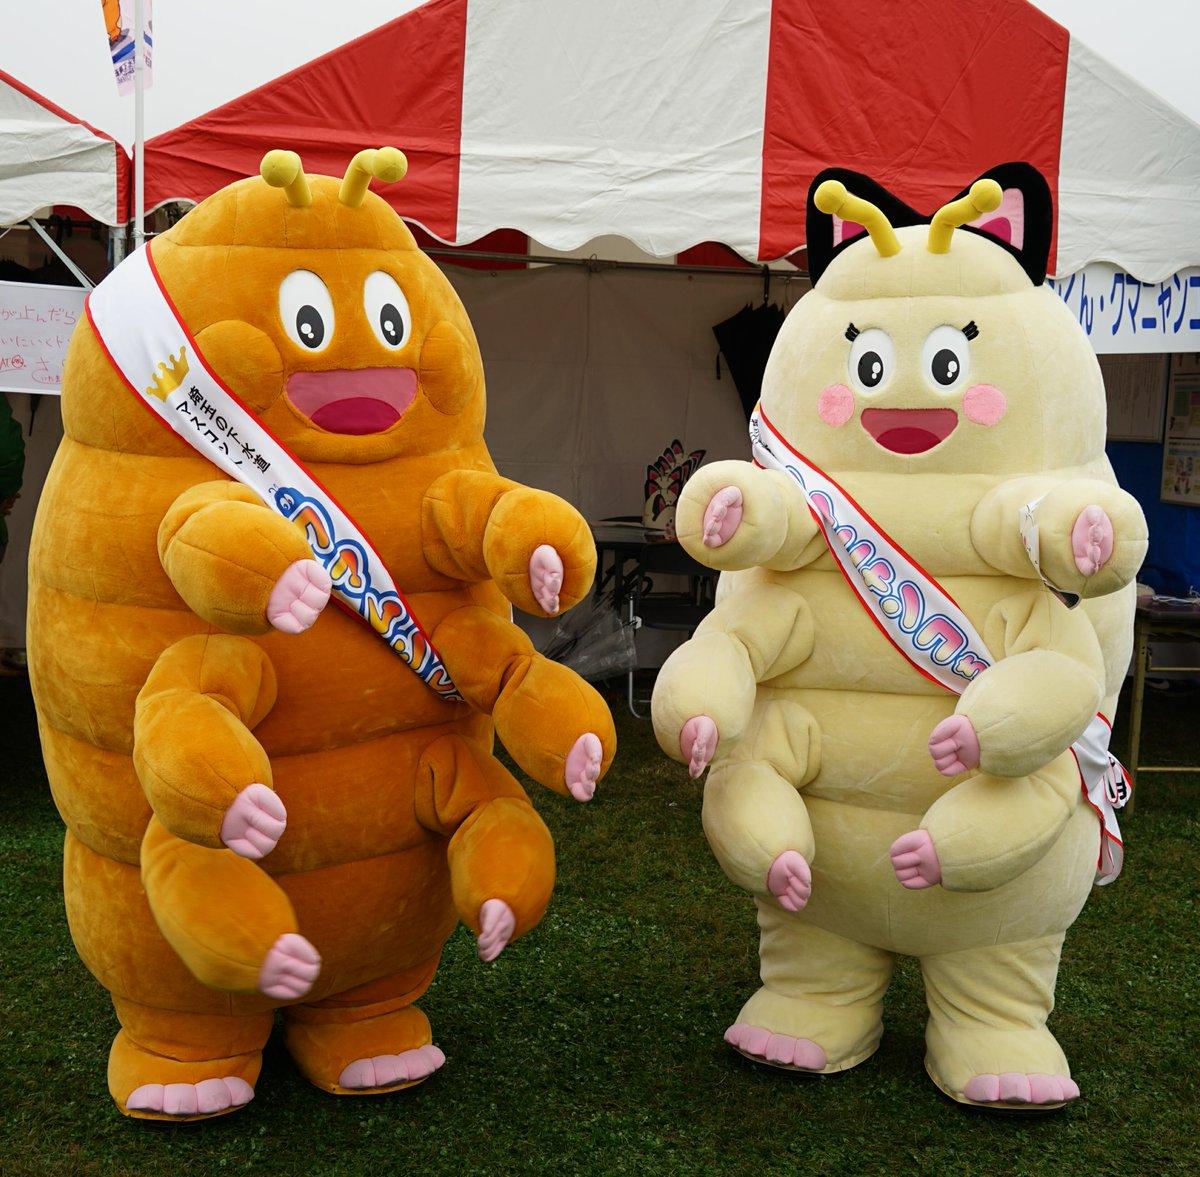 見た目がちょっと気持ち悪い、埼玉県下水道公社の「クマムシくん」「クマニャンコちゃん」。これでも昨年の下水道展では全国のキャラの中で1位だったとか。可愛い「クマムシさん」とは別のキャラなので注意。 https://t.co/o3Amxx0DvU